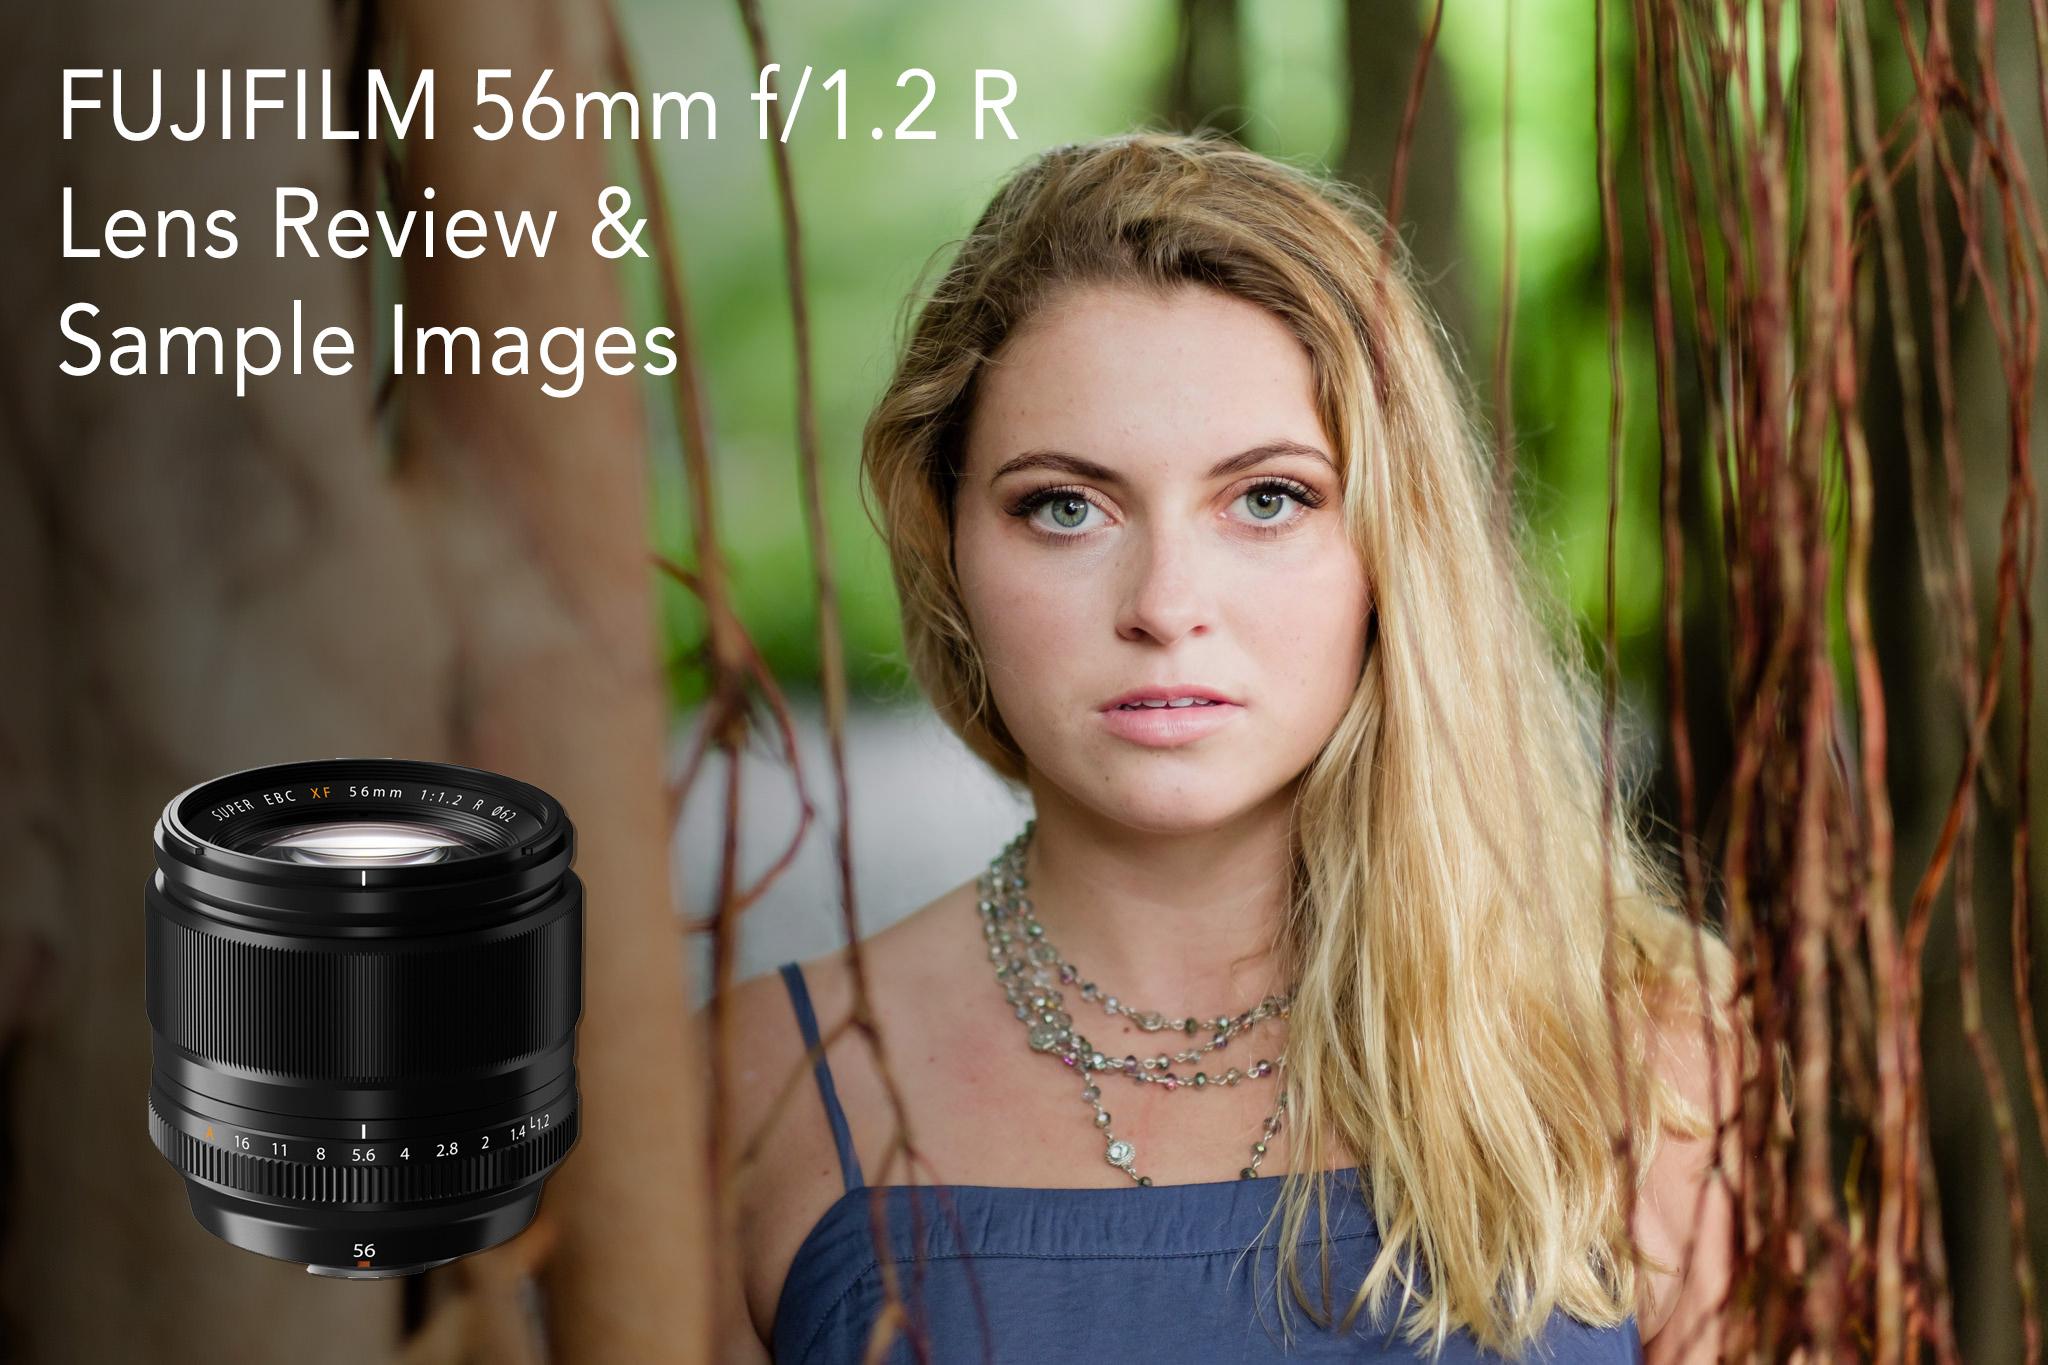 Fujifilm 56mm f/1.2 R Lens Review